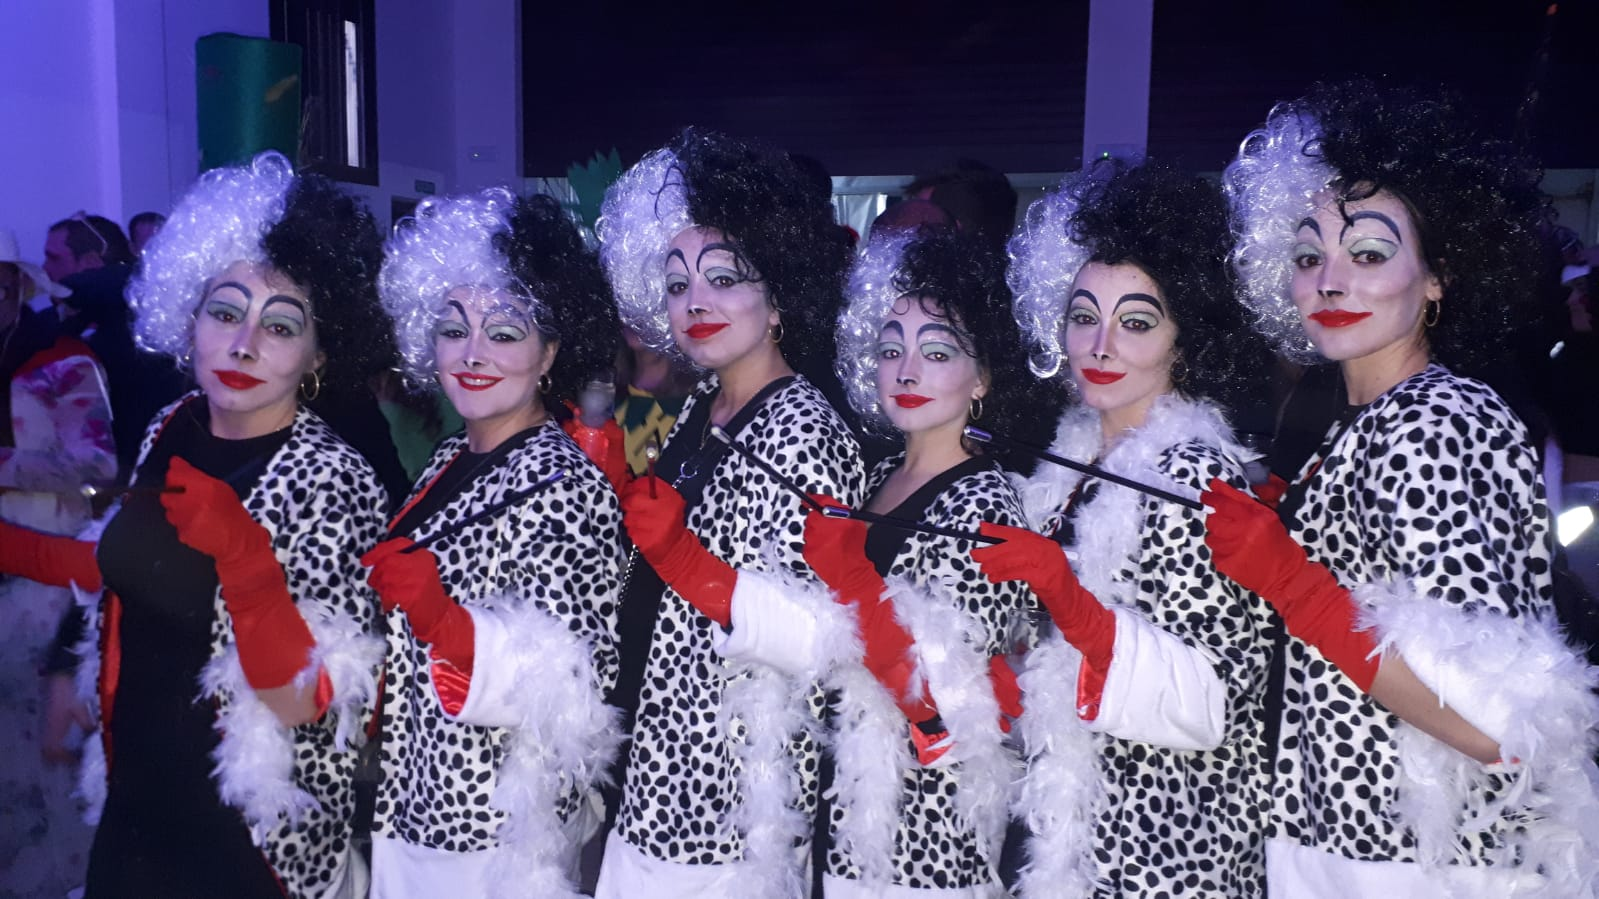 Ganas de fiesta y mucho color en el Carnaval de Brácana